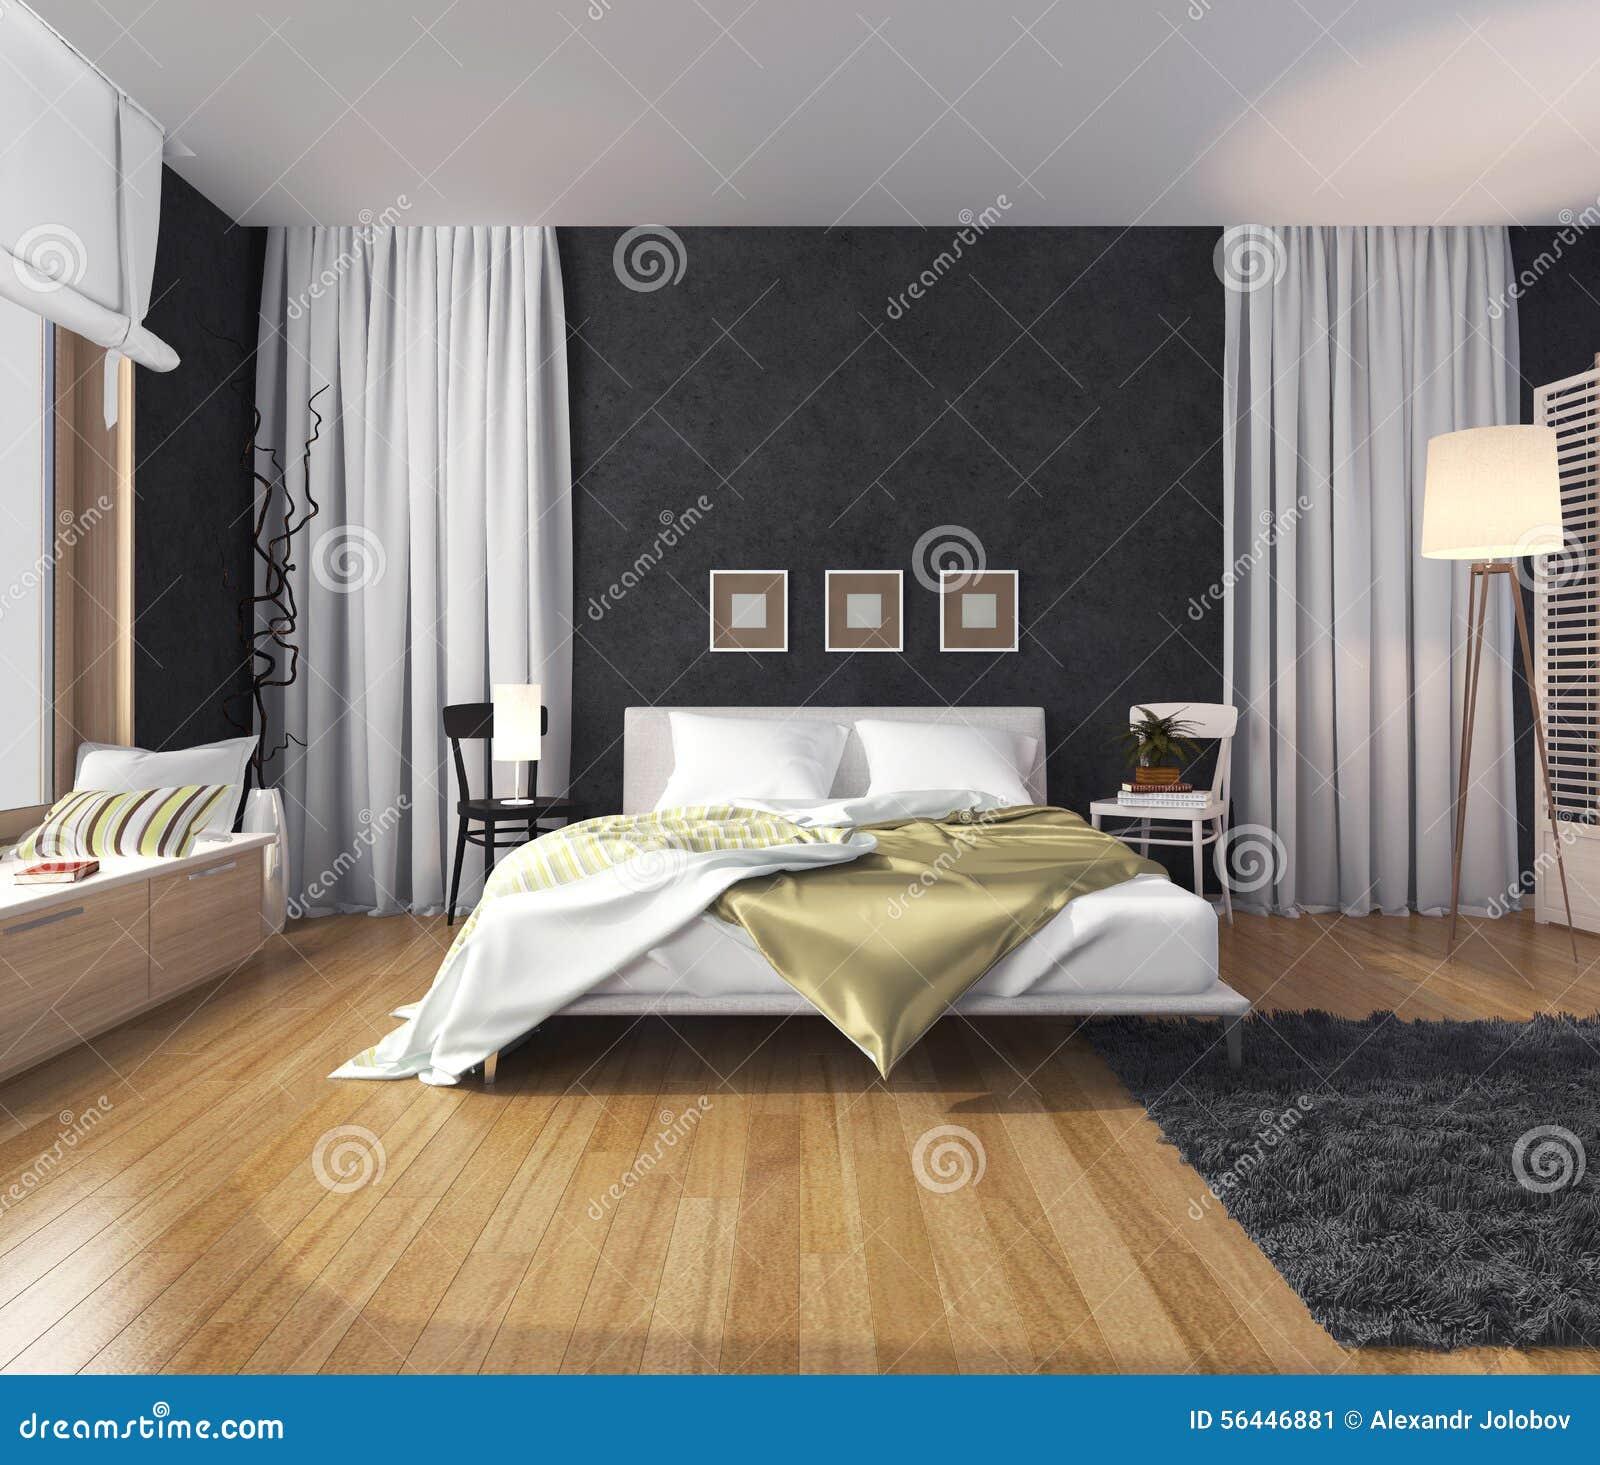 Moderner innenraum eines schlafzimmers mit einer wand der dunklen ...